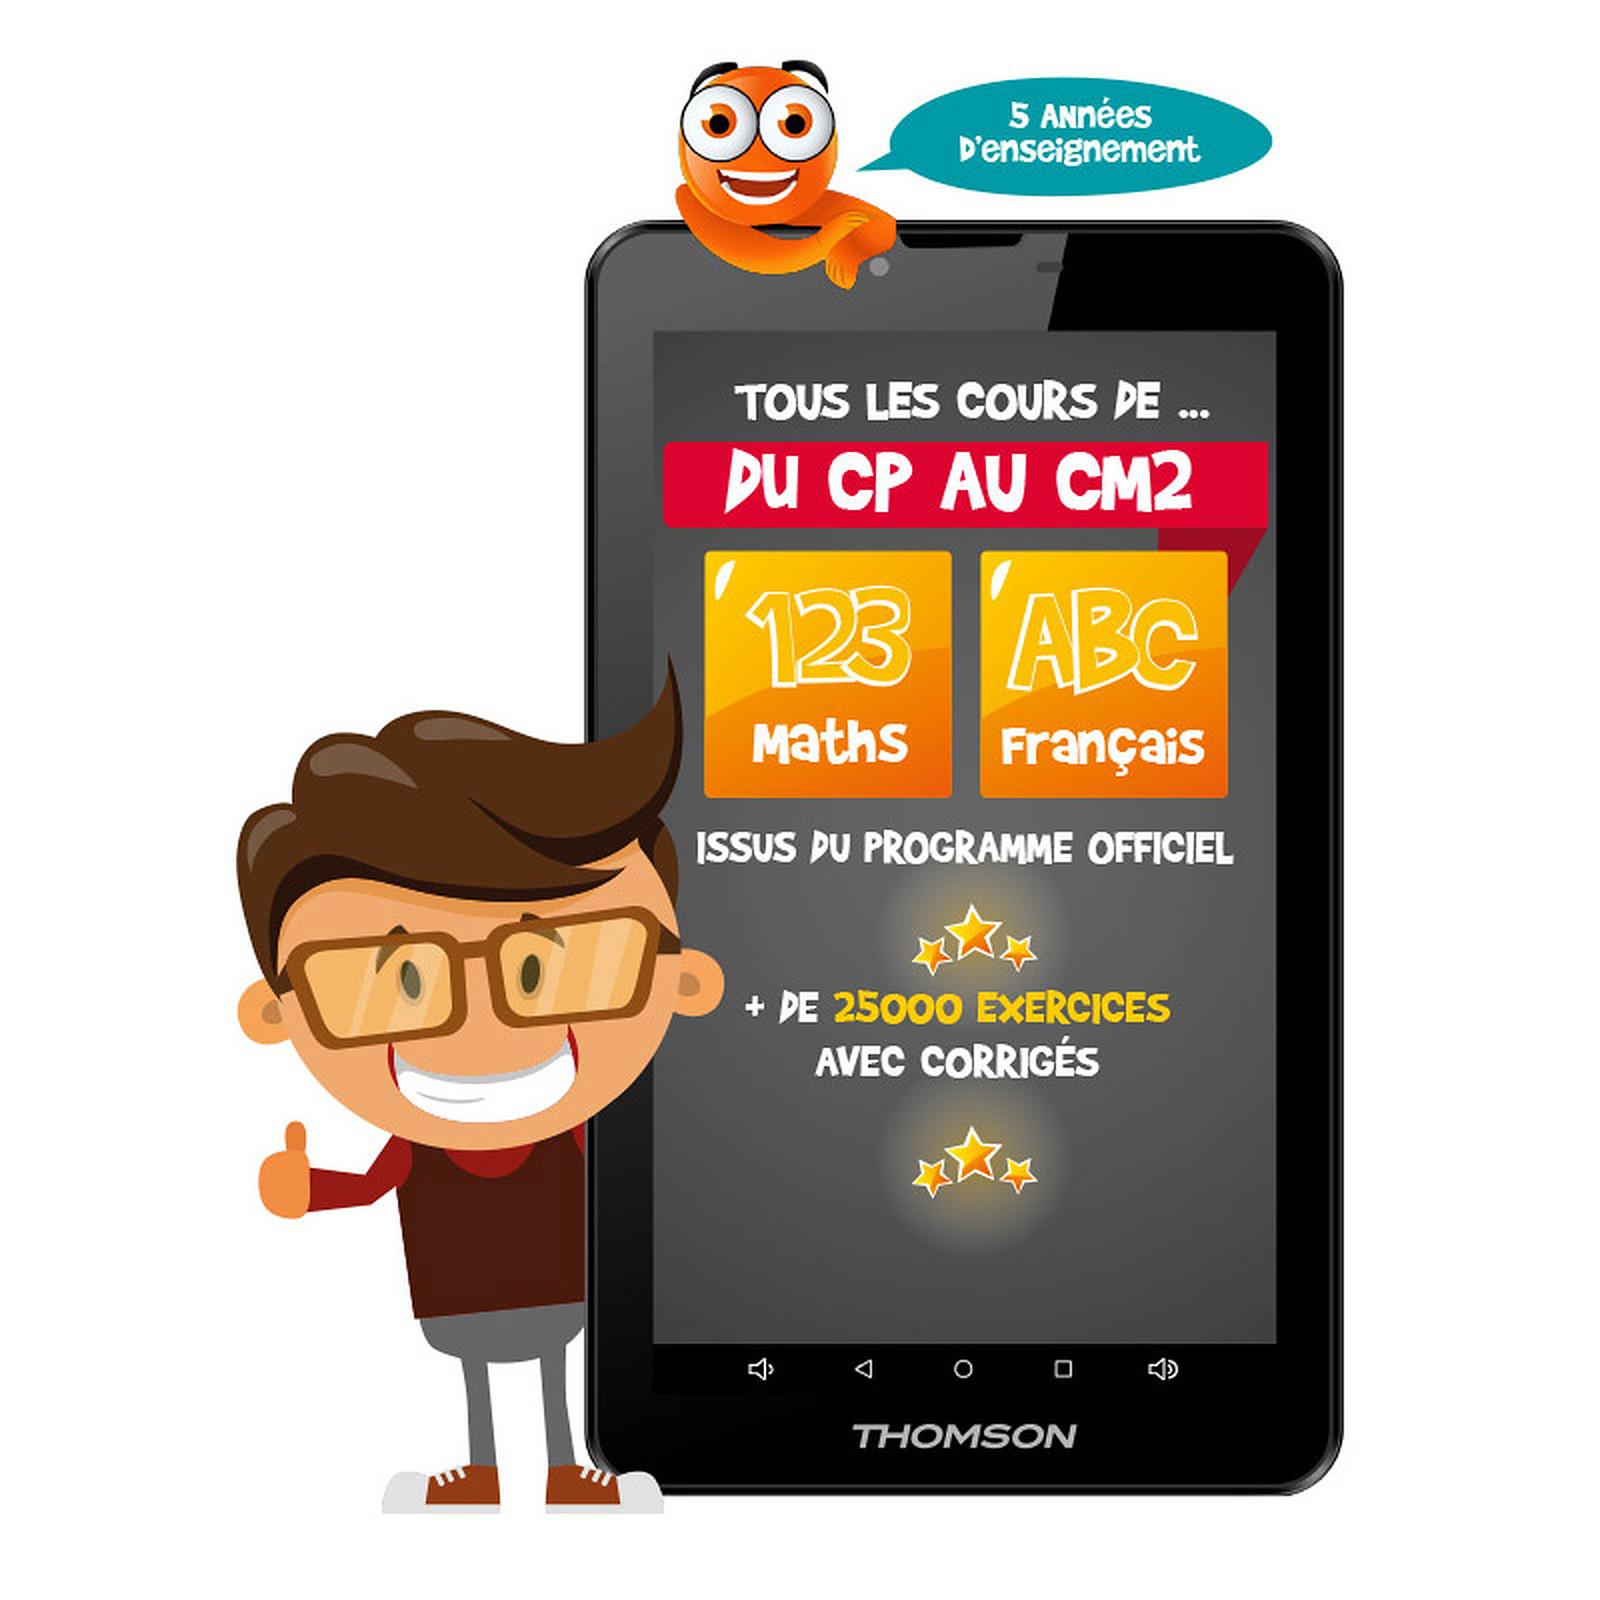 Thomson TEO-QD7BK8E - Tablette tactile Thomson sur LDLC com